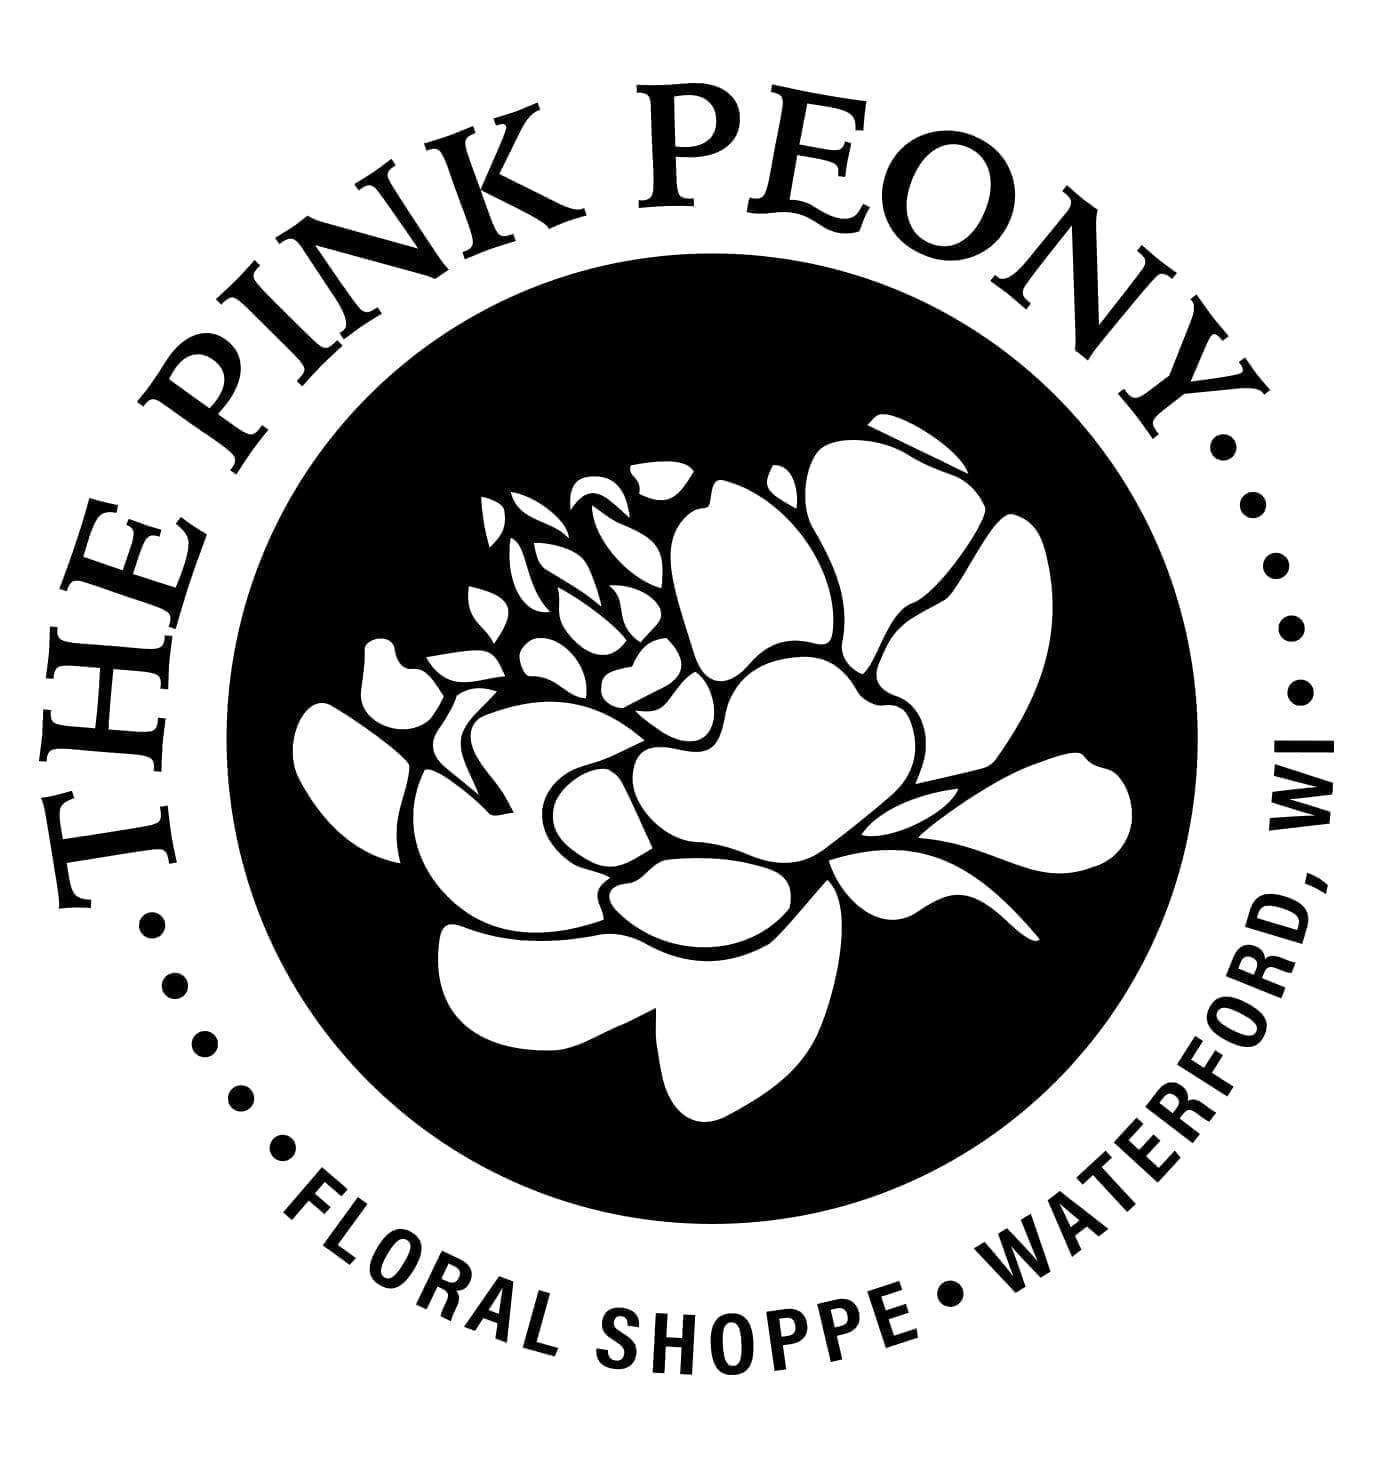 PinkPeony_FinalLogo2_BW_WBD-Nicole-Wright-1